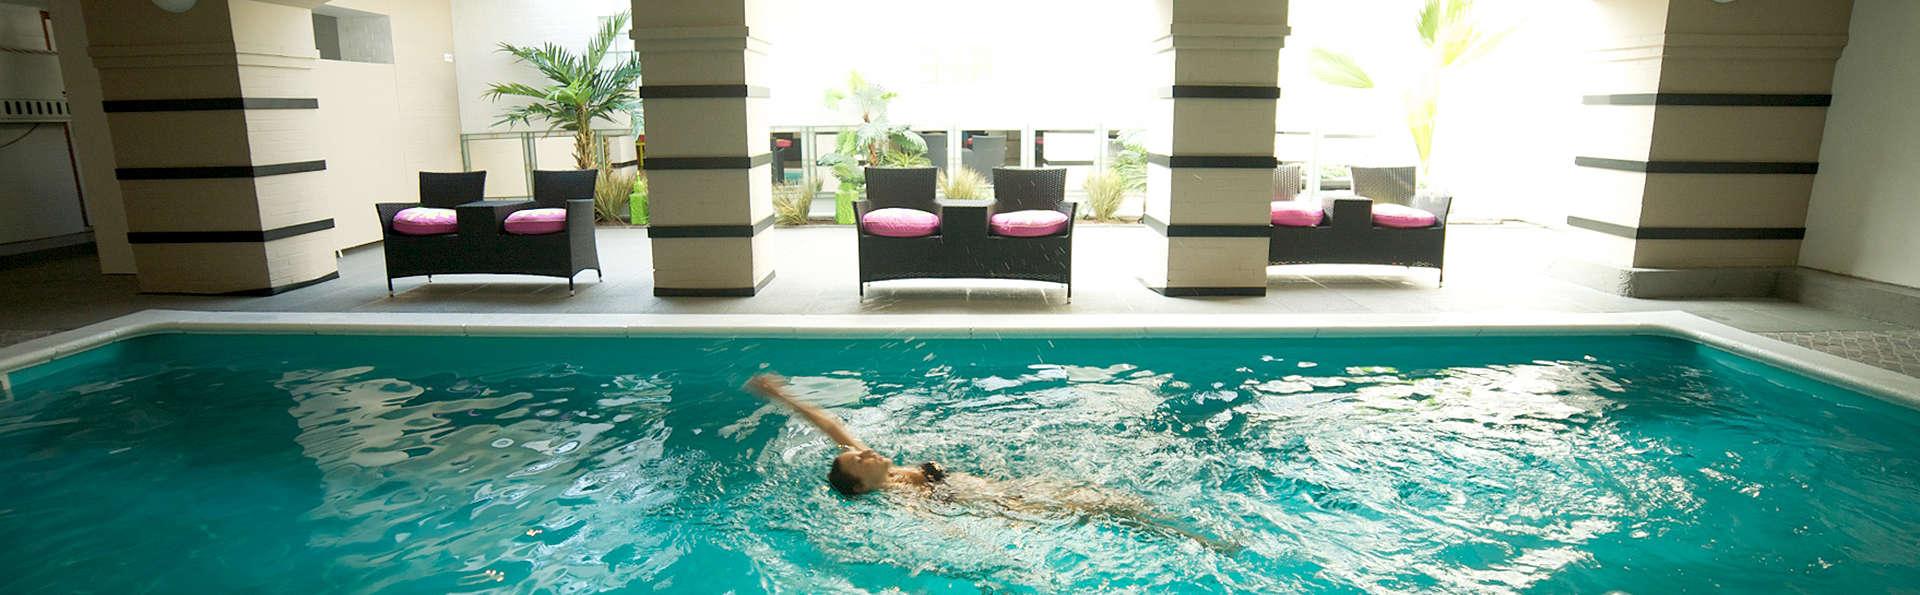 Floris Karos Brugge - EDIT_Pool.jpg